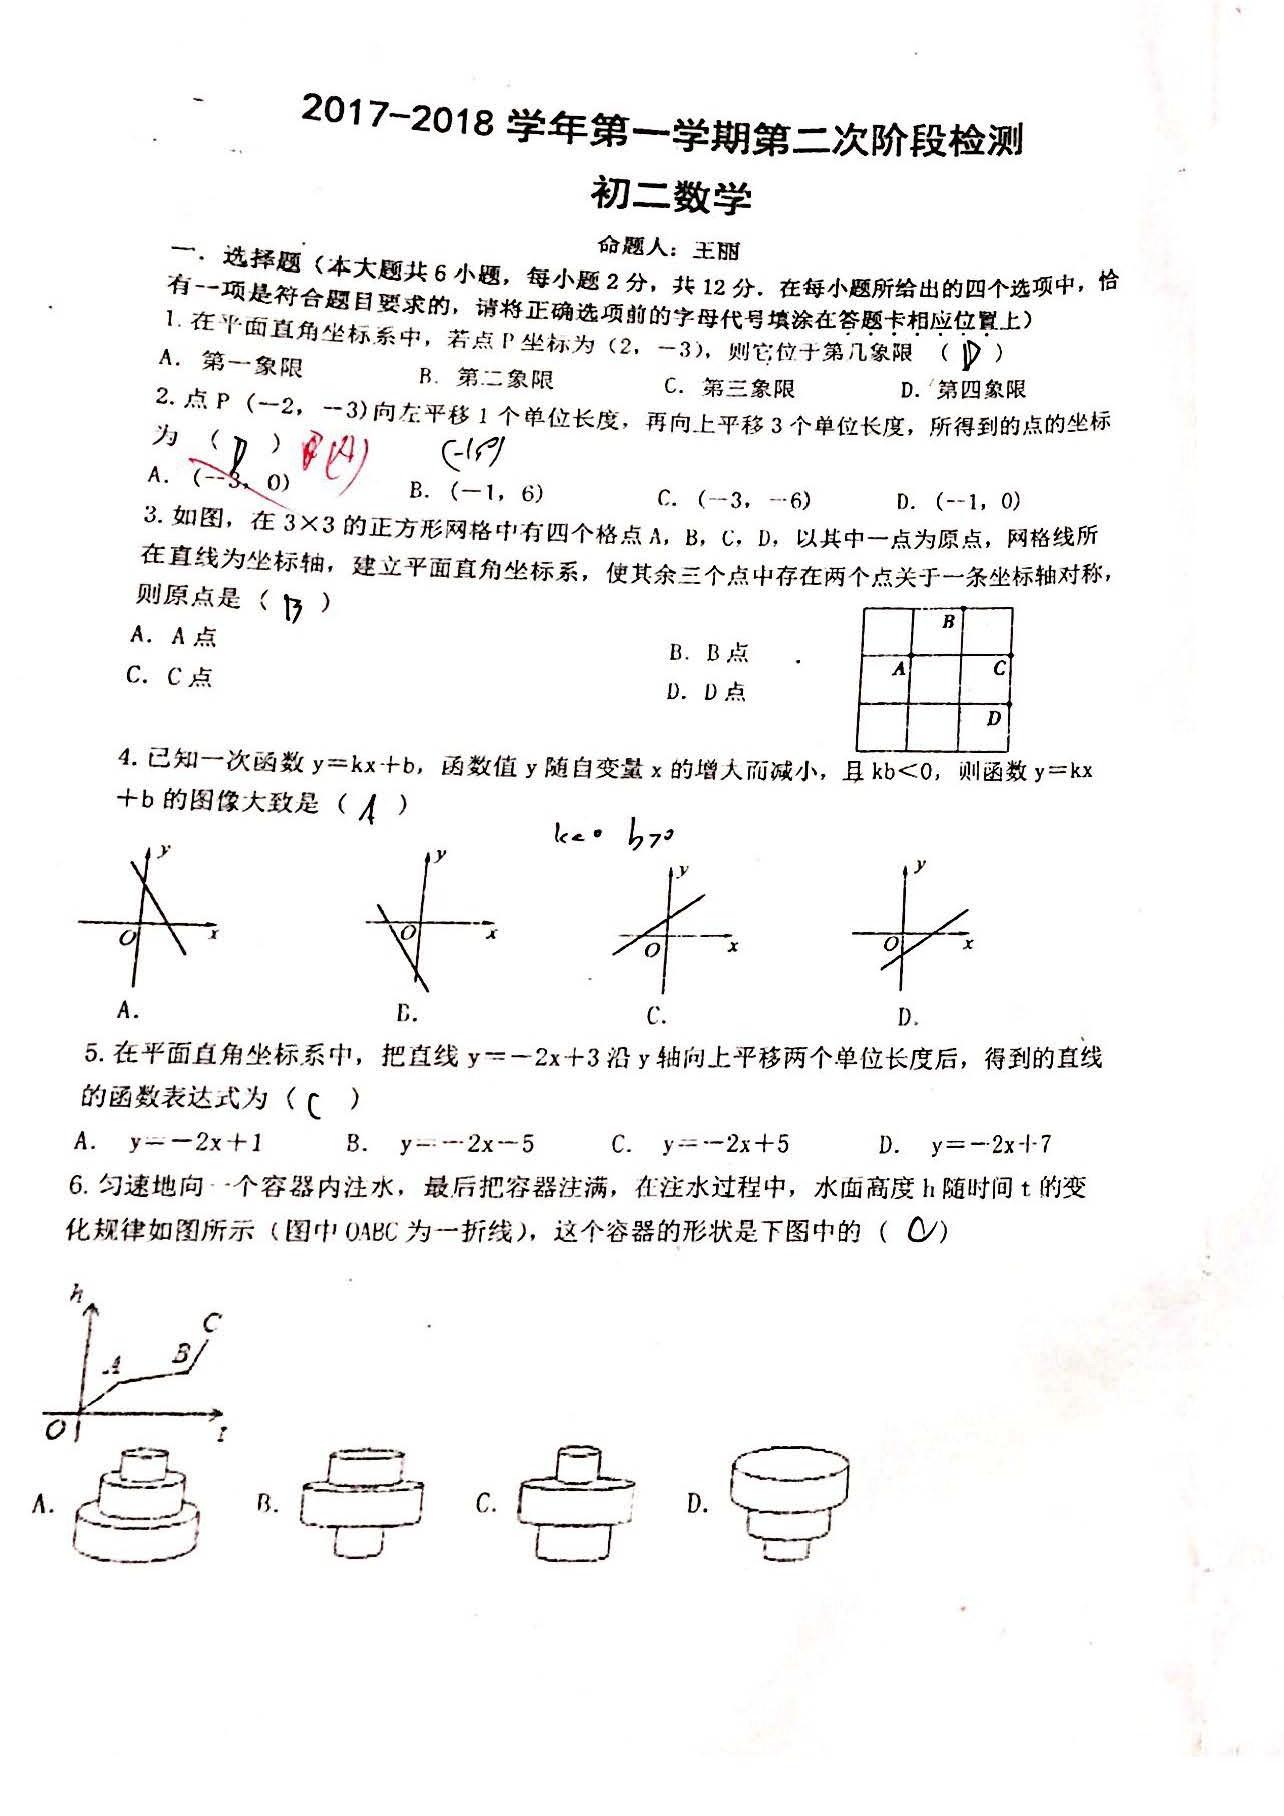 南京初二第一学期第二次月考数学试卷,初二第一学期第二次月考数学试卷,